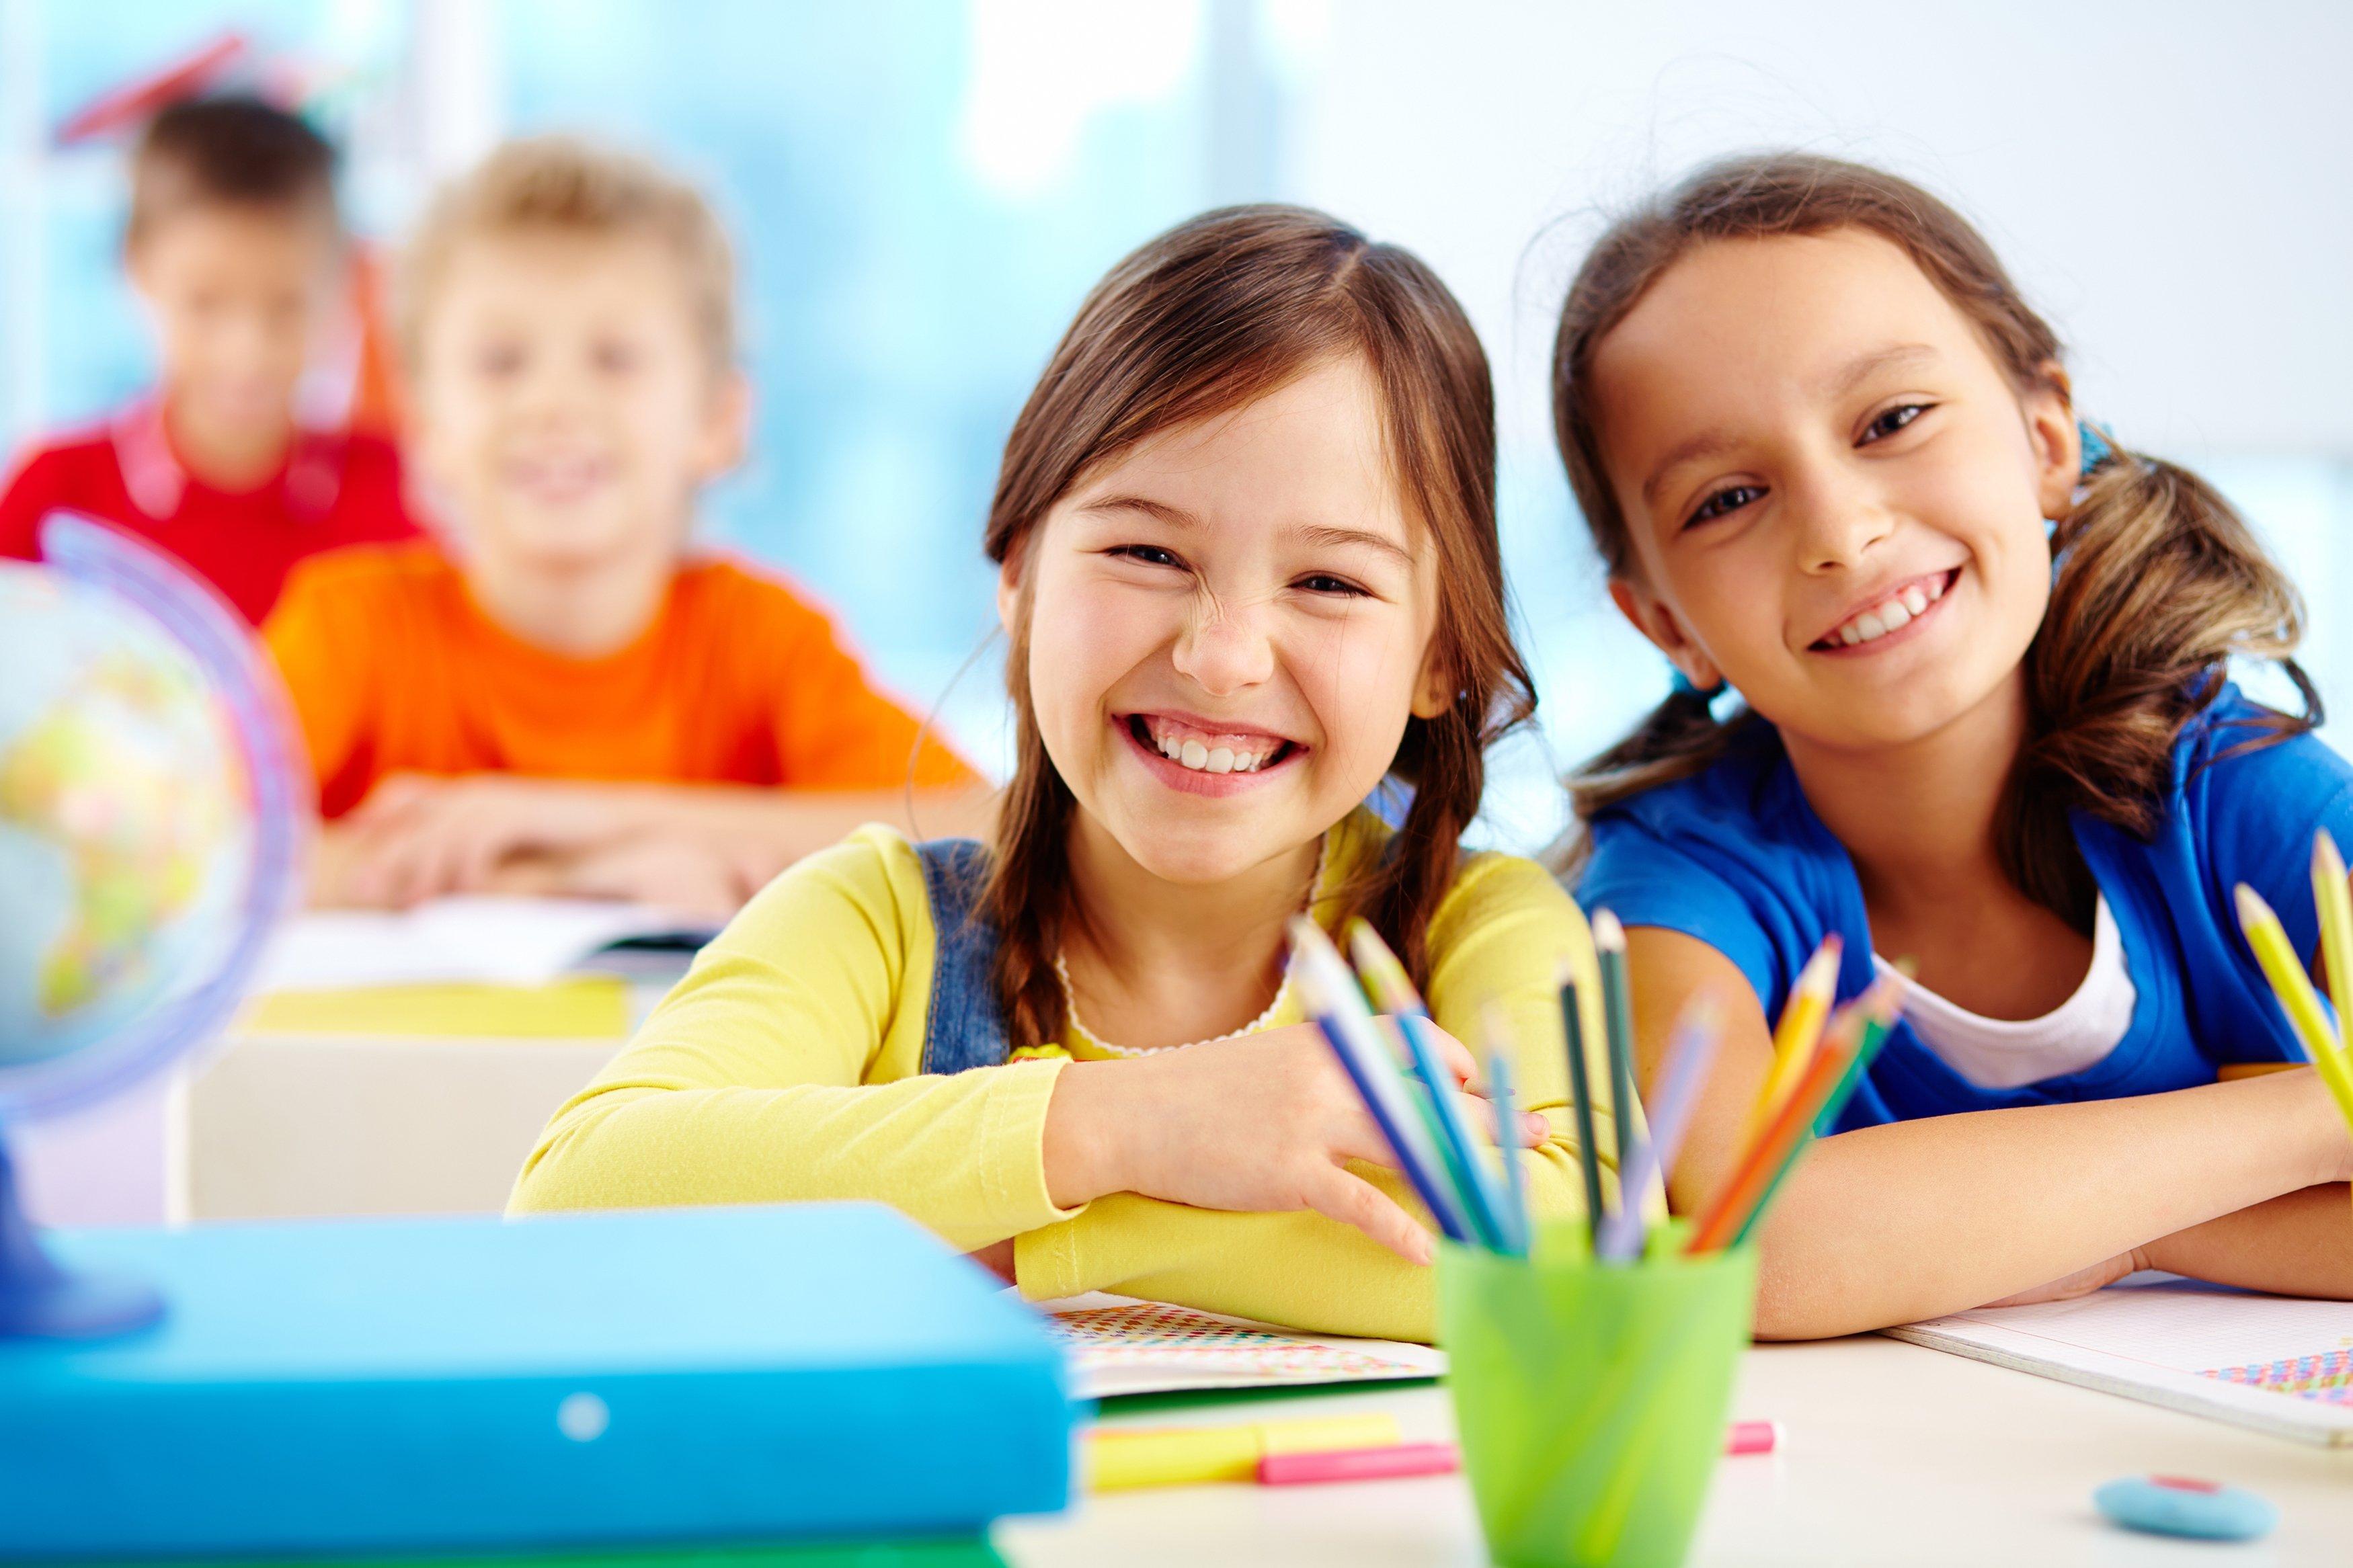 Две школьницы за партами